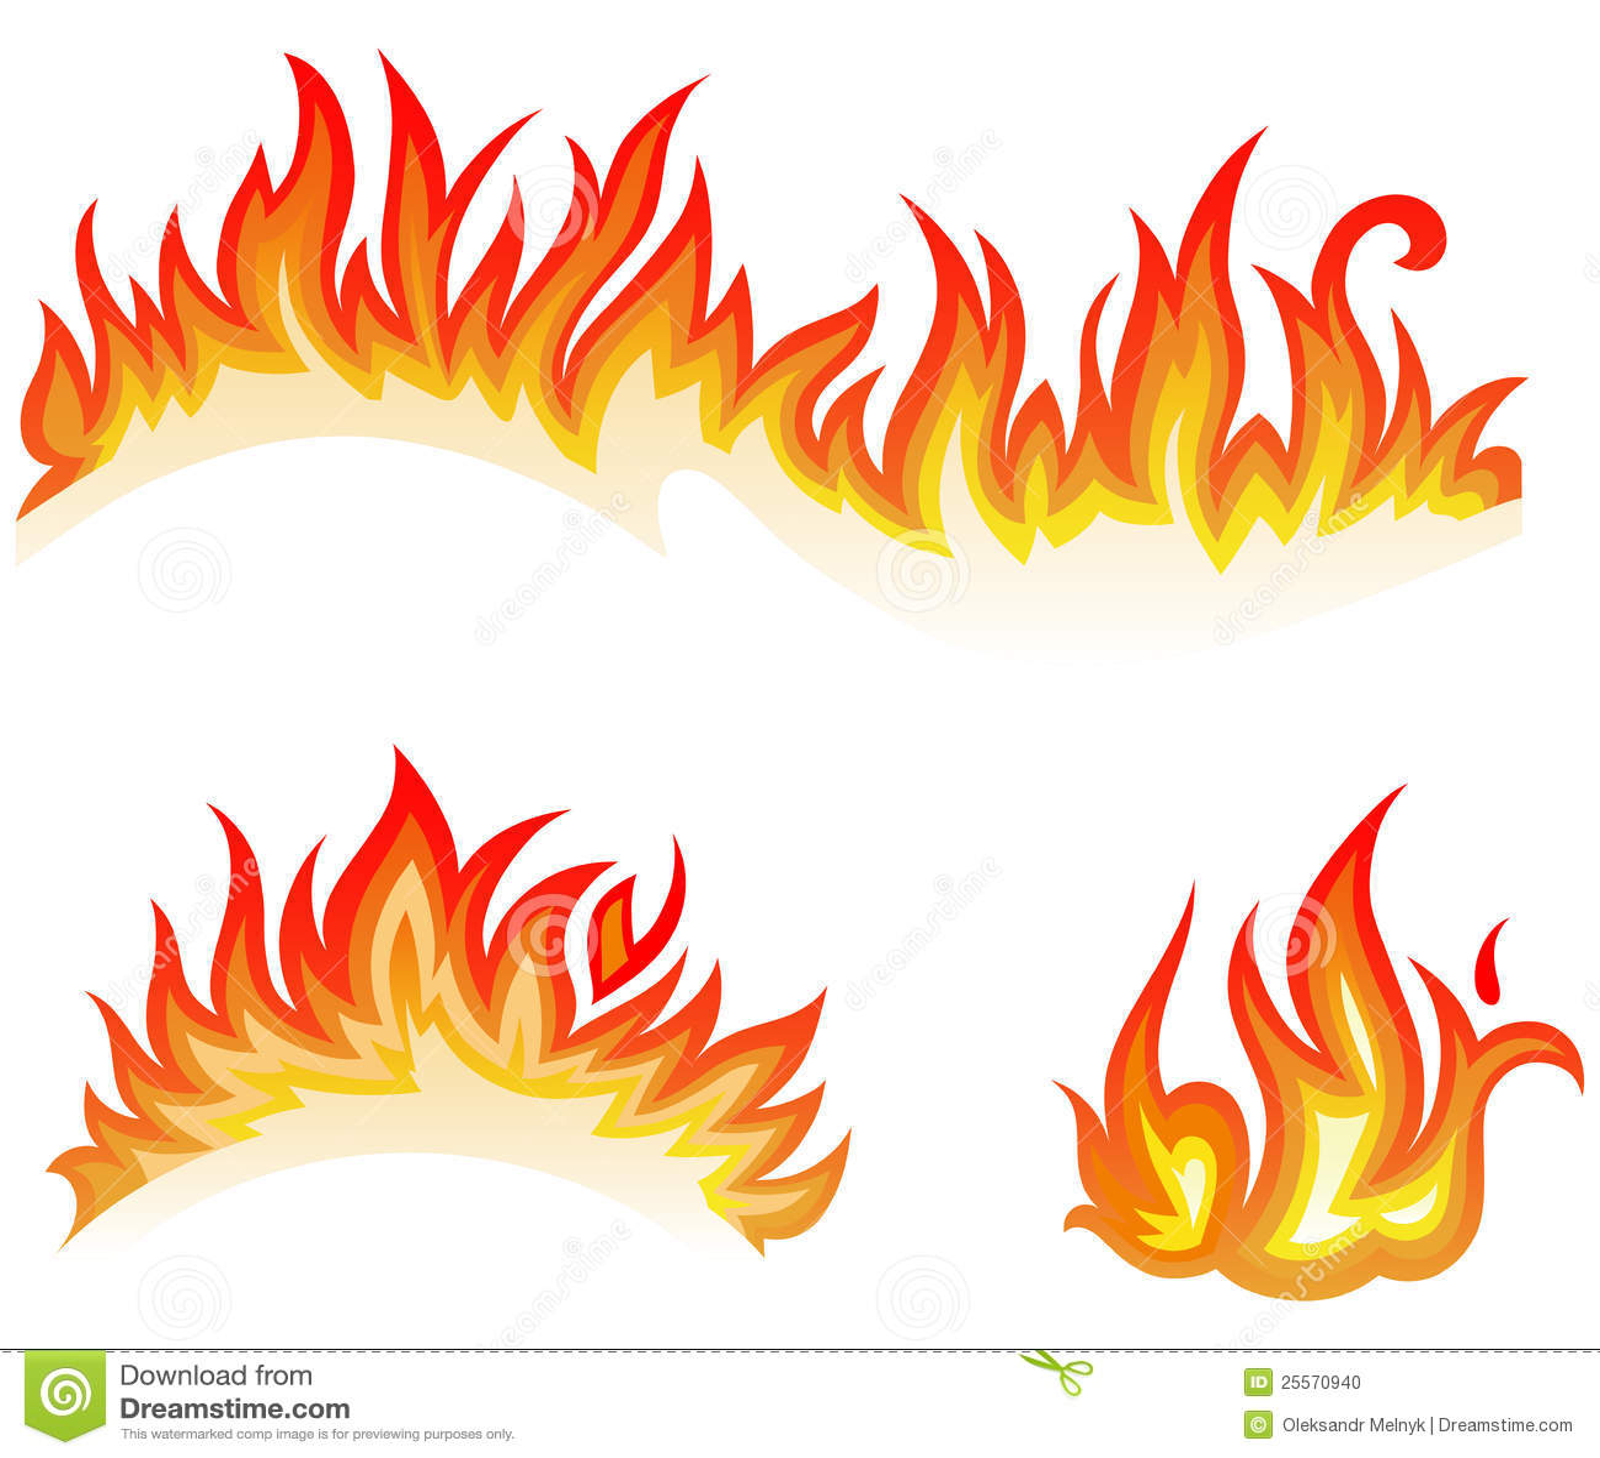 llamas del fuego collage ilustraci u00f3n del vector free campfire clip art black and white Free Campfire Clip Art Black and White